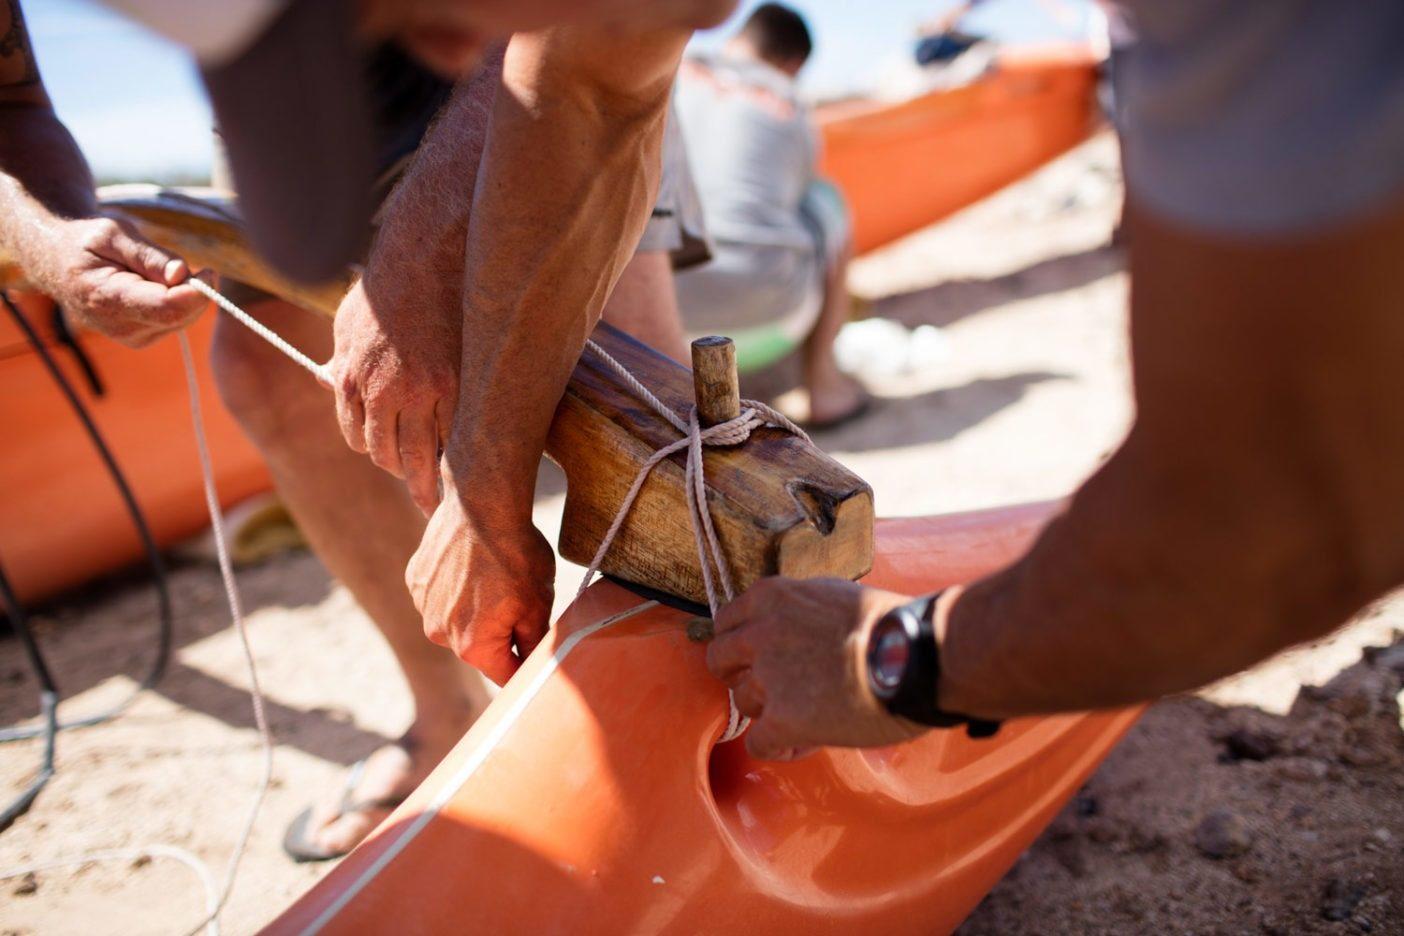 イアコ(アウトリガーの腕木)とアマ(アウトリガーの浮子)を結びつける様子。リギングにロープ類を使用するのは、「モロカイ・ホエ」の伝統的特徴を守るためのルールの1つである。Photo: Tim Davis